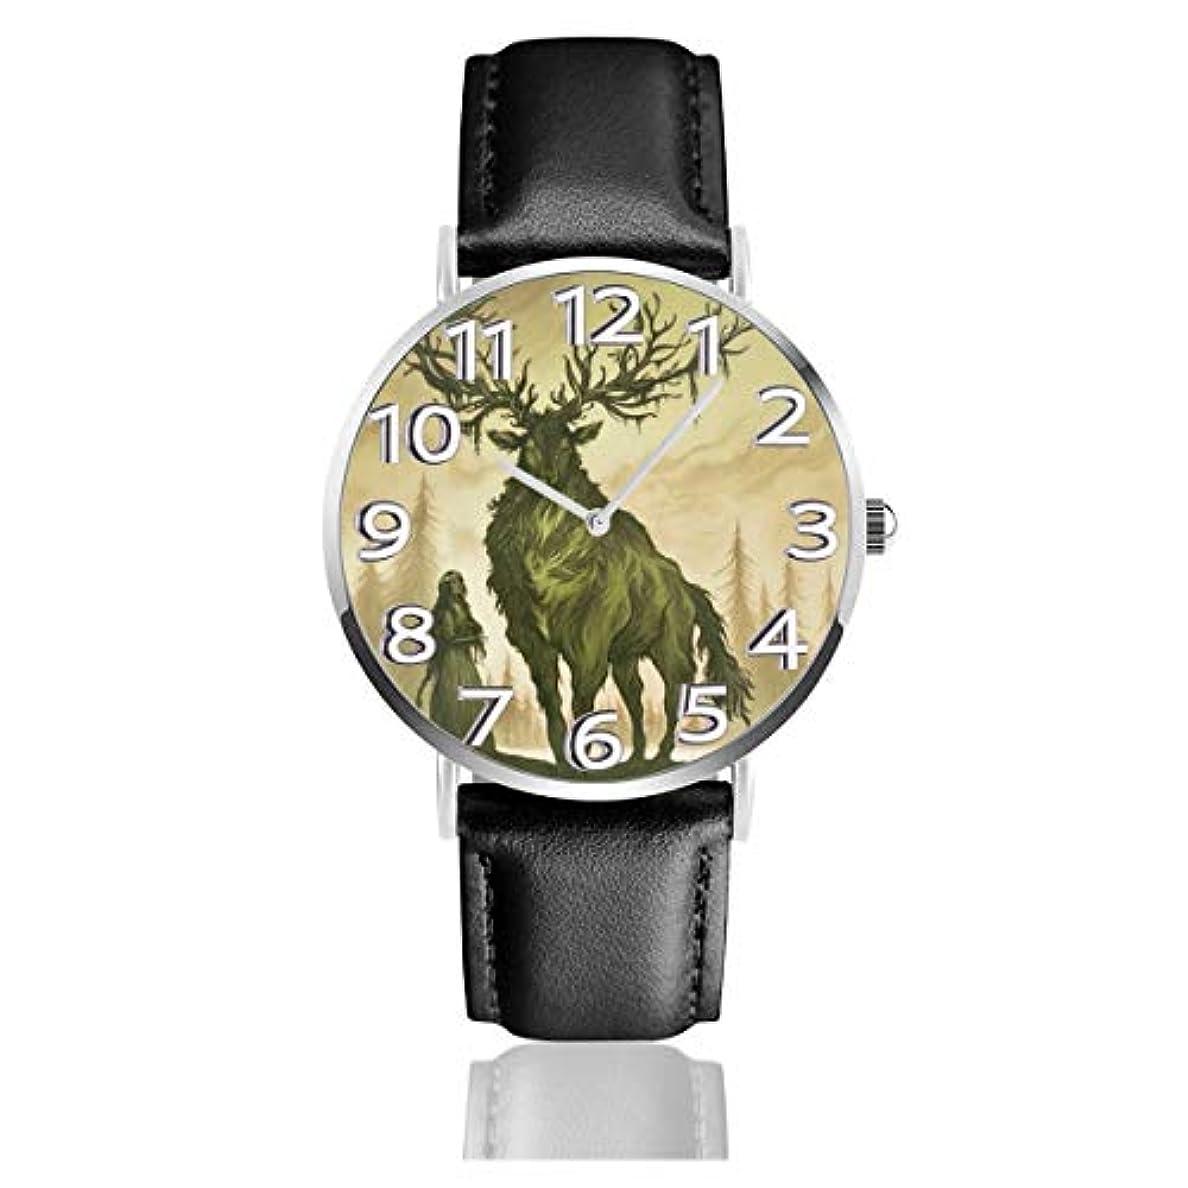 ミルク彫刻くまヘラジカの女の子クリスマスのトナカイベルトウォッチ 腕時計 おしゃれ 女性 レザーベルト ウォッチ クォーツ 時計 男女兼用